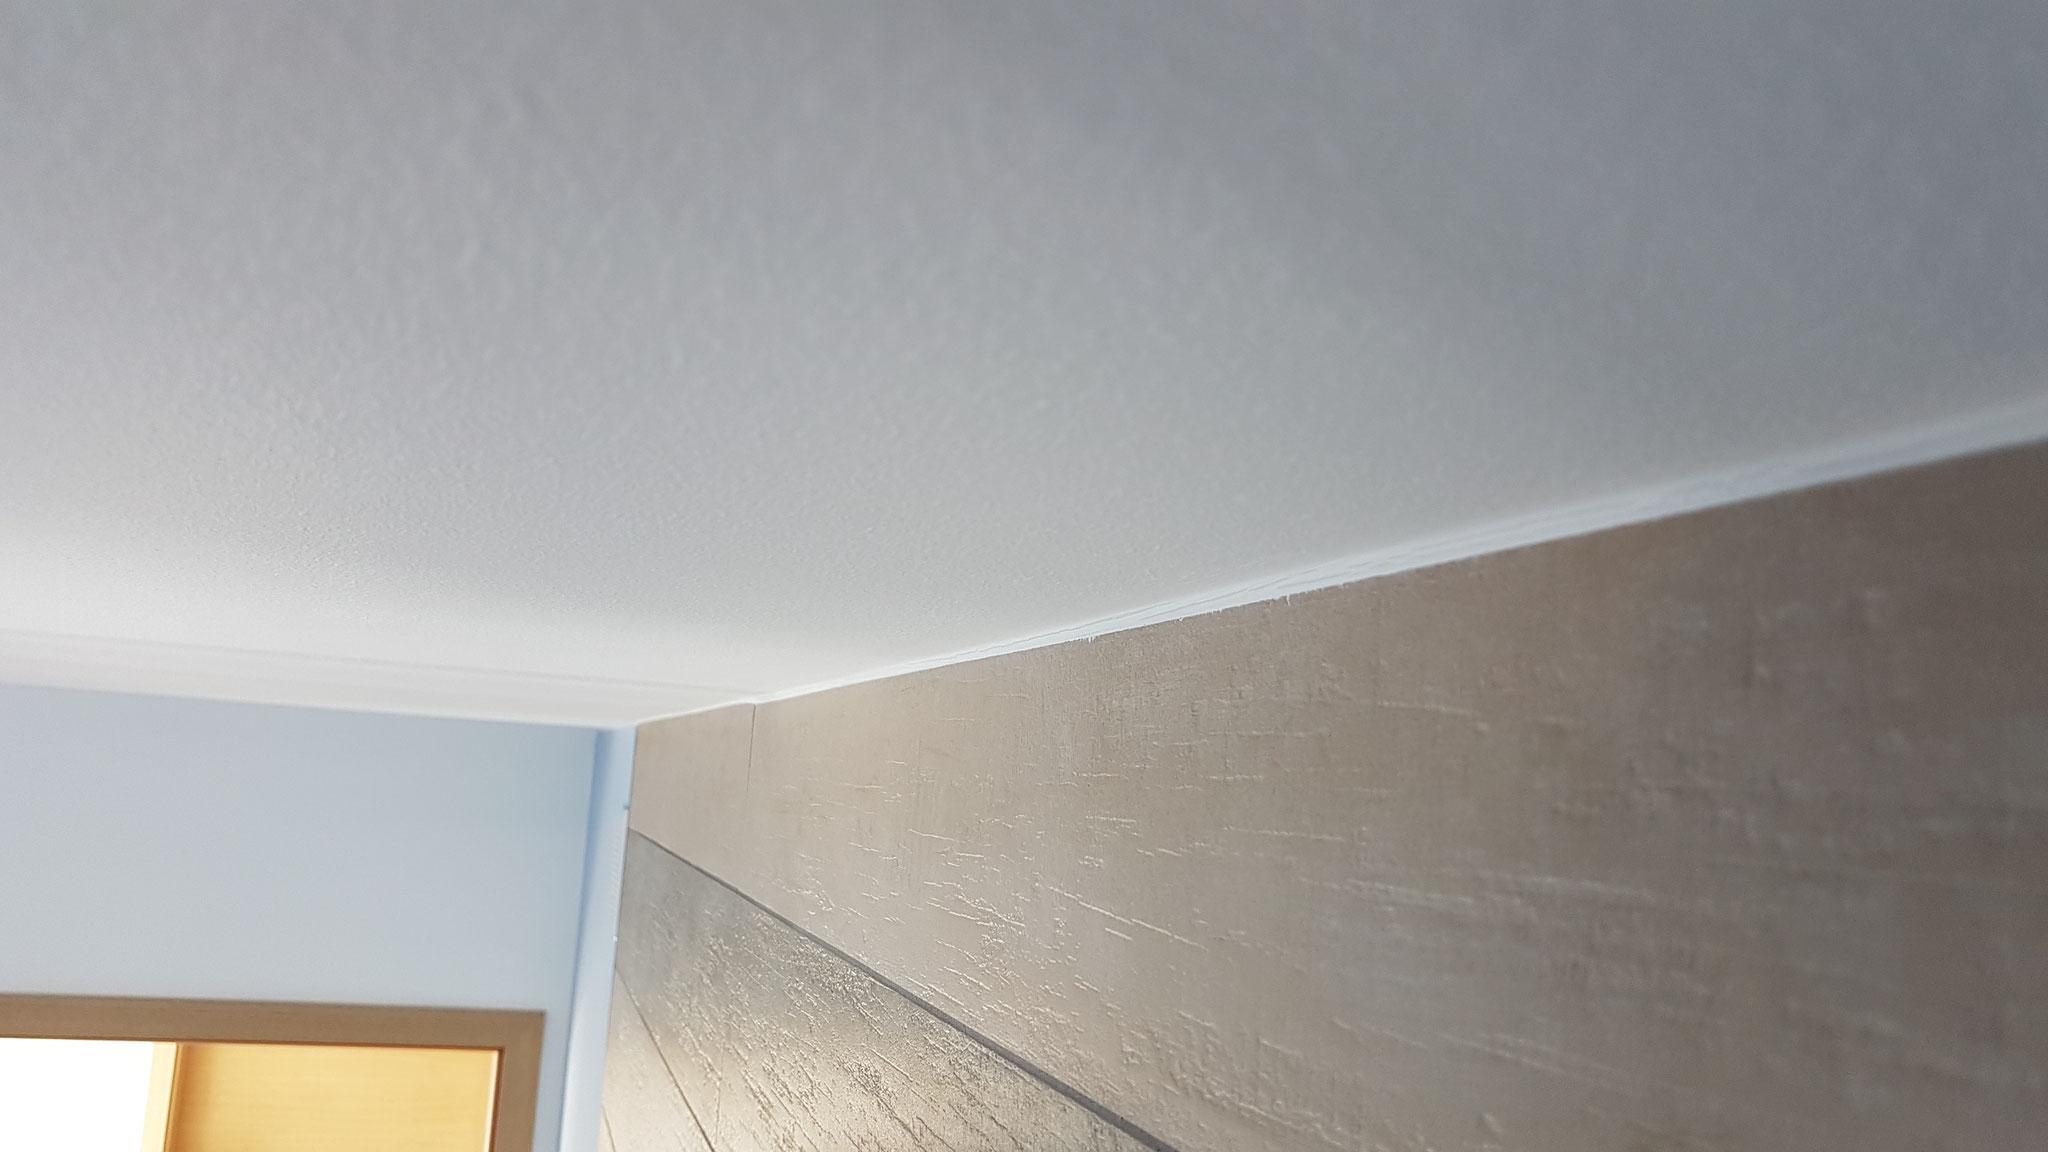 Die Versiegelung im Bereich der Decke und Wandfliese ist nun hergestellt.